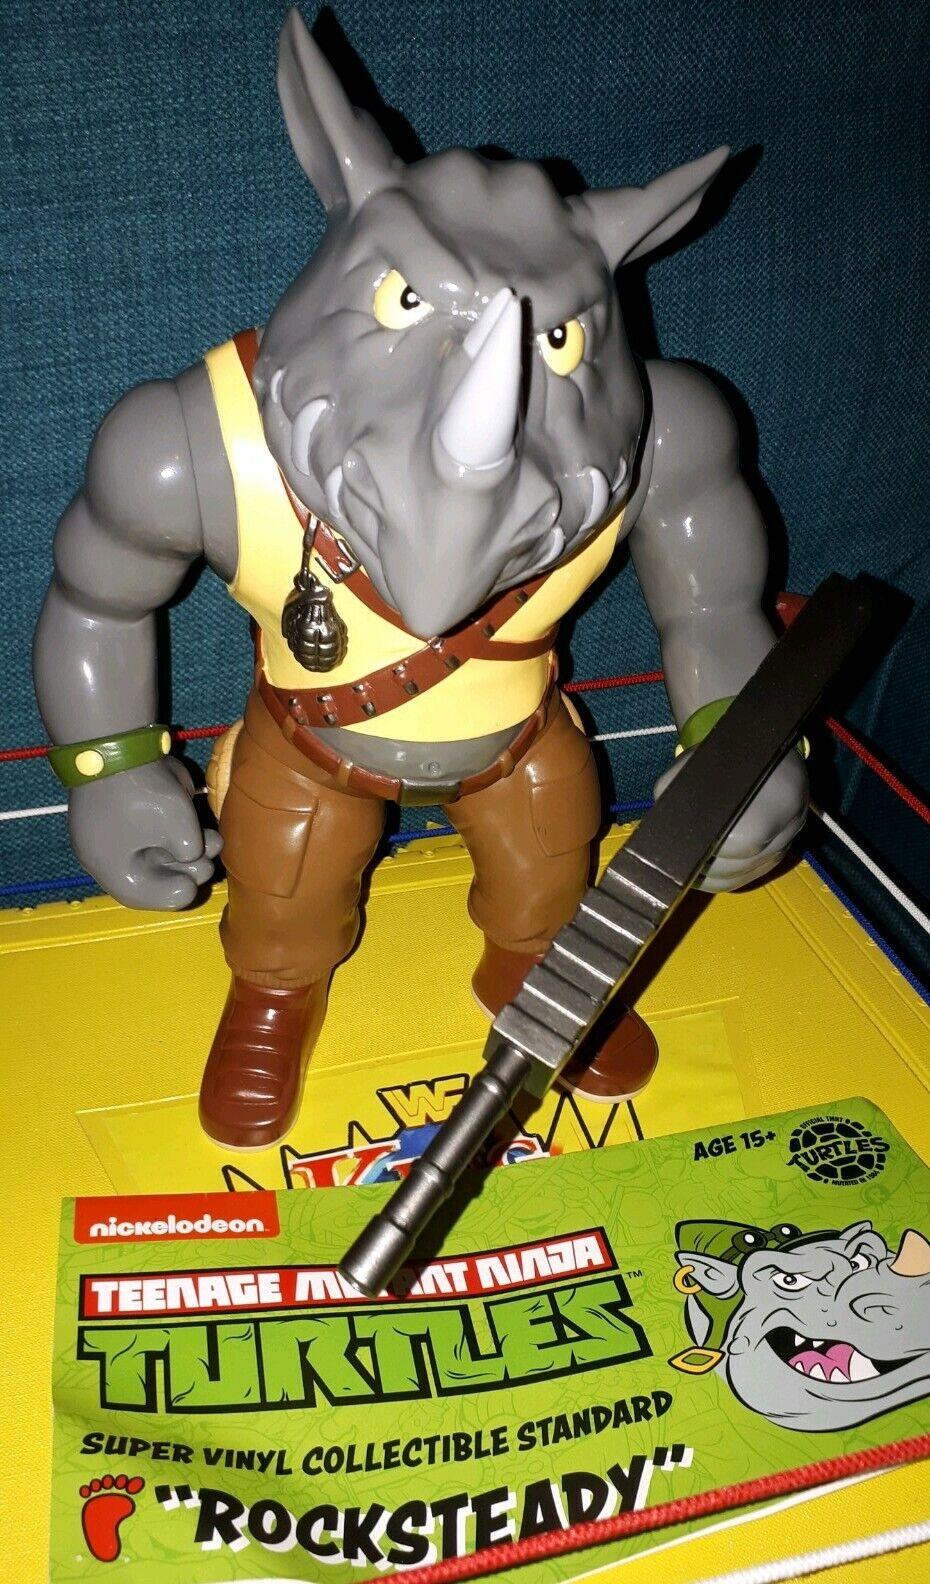 orden en línea Tortugas Ninjas Adolescentes Mutantes TMNT Rocksteady-negrodots 12 12 12  Raros Coleccionables  buscando agente de ventas